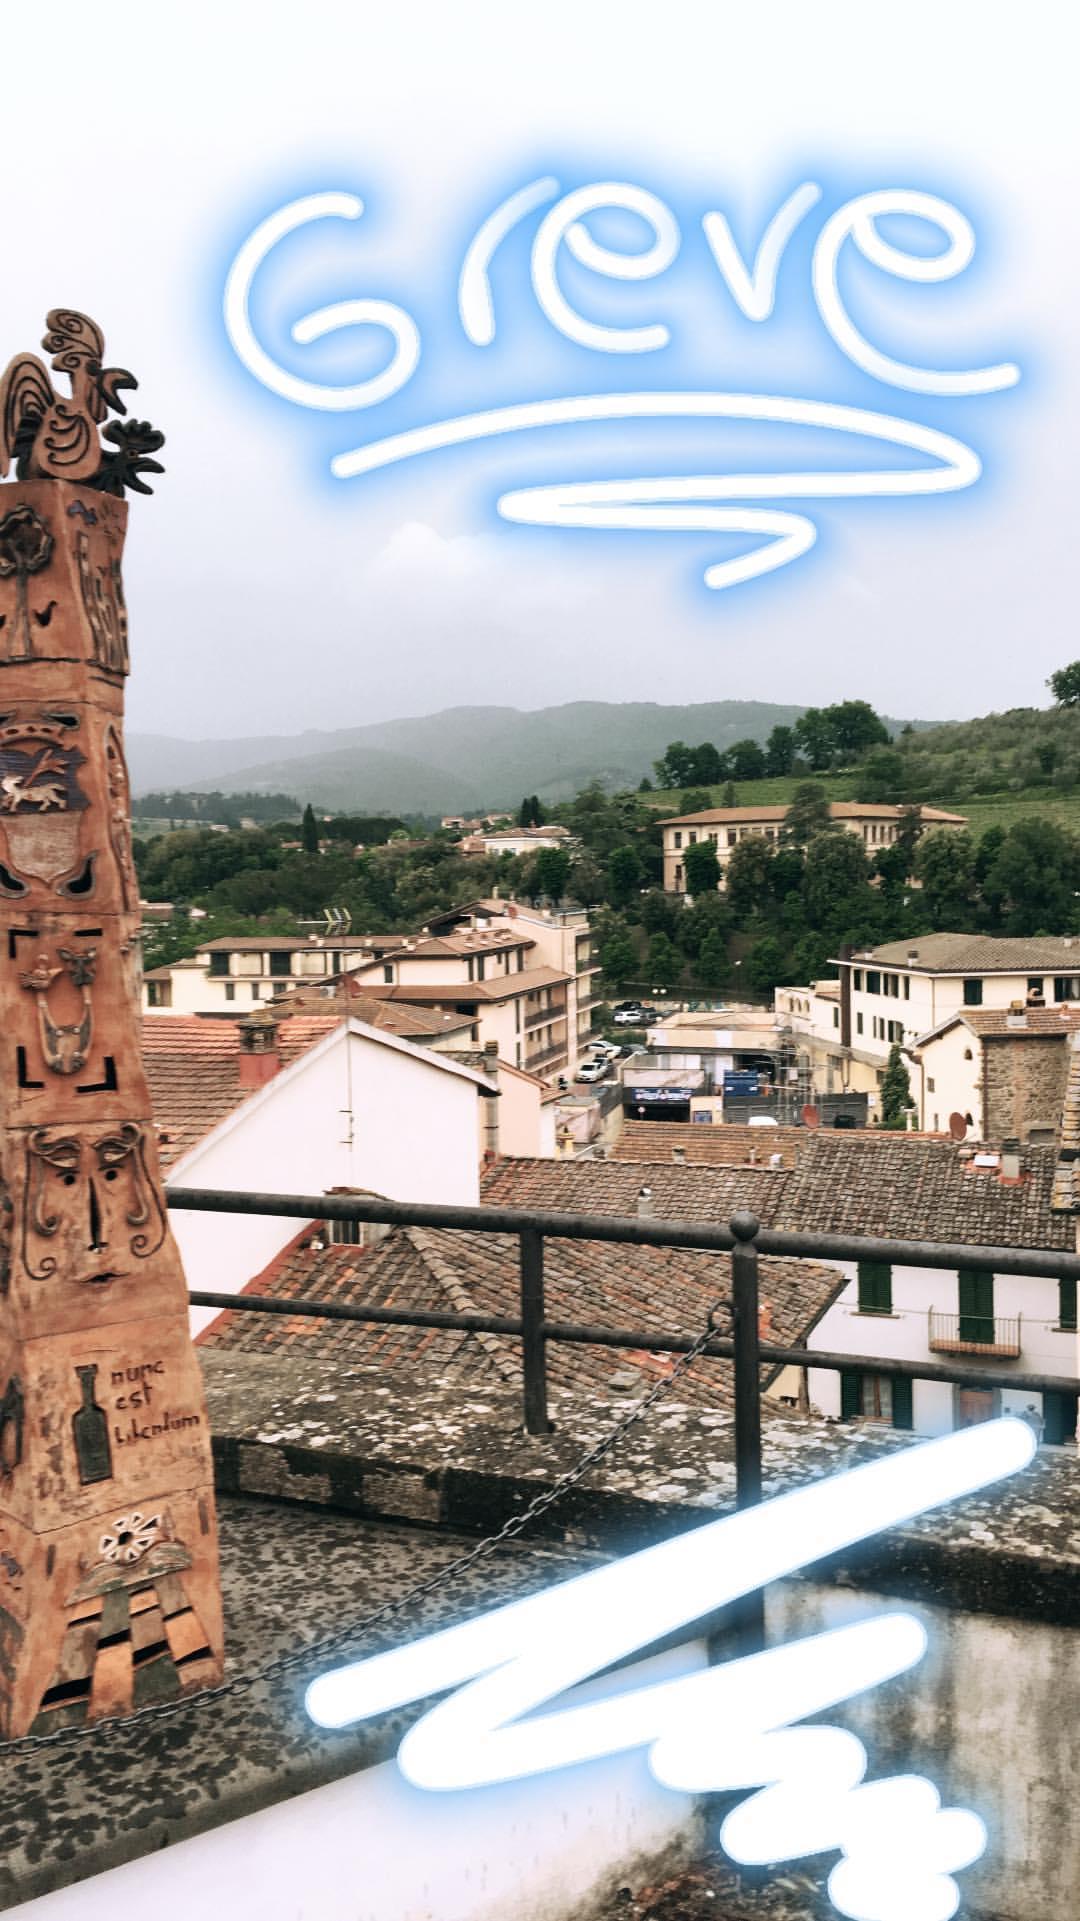 Italia - Greve in Chianti